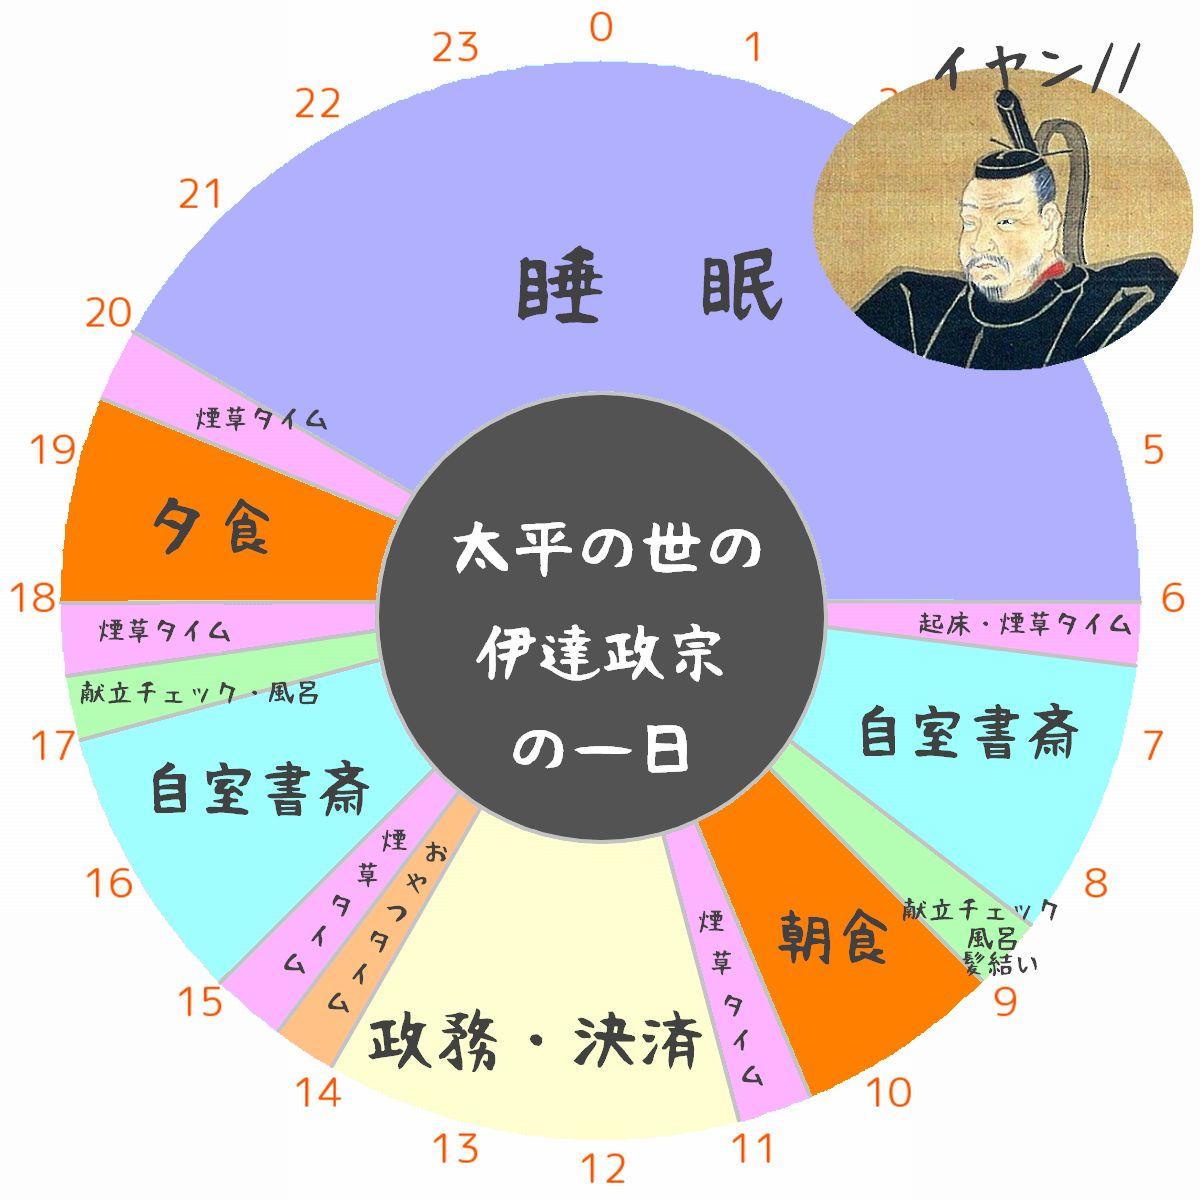 伊達政宗の一日のスケジュール表